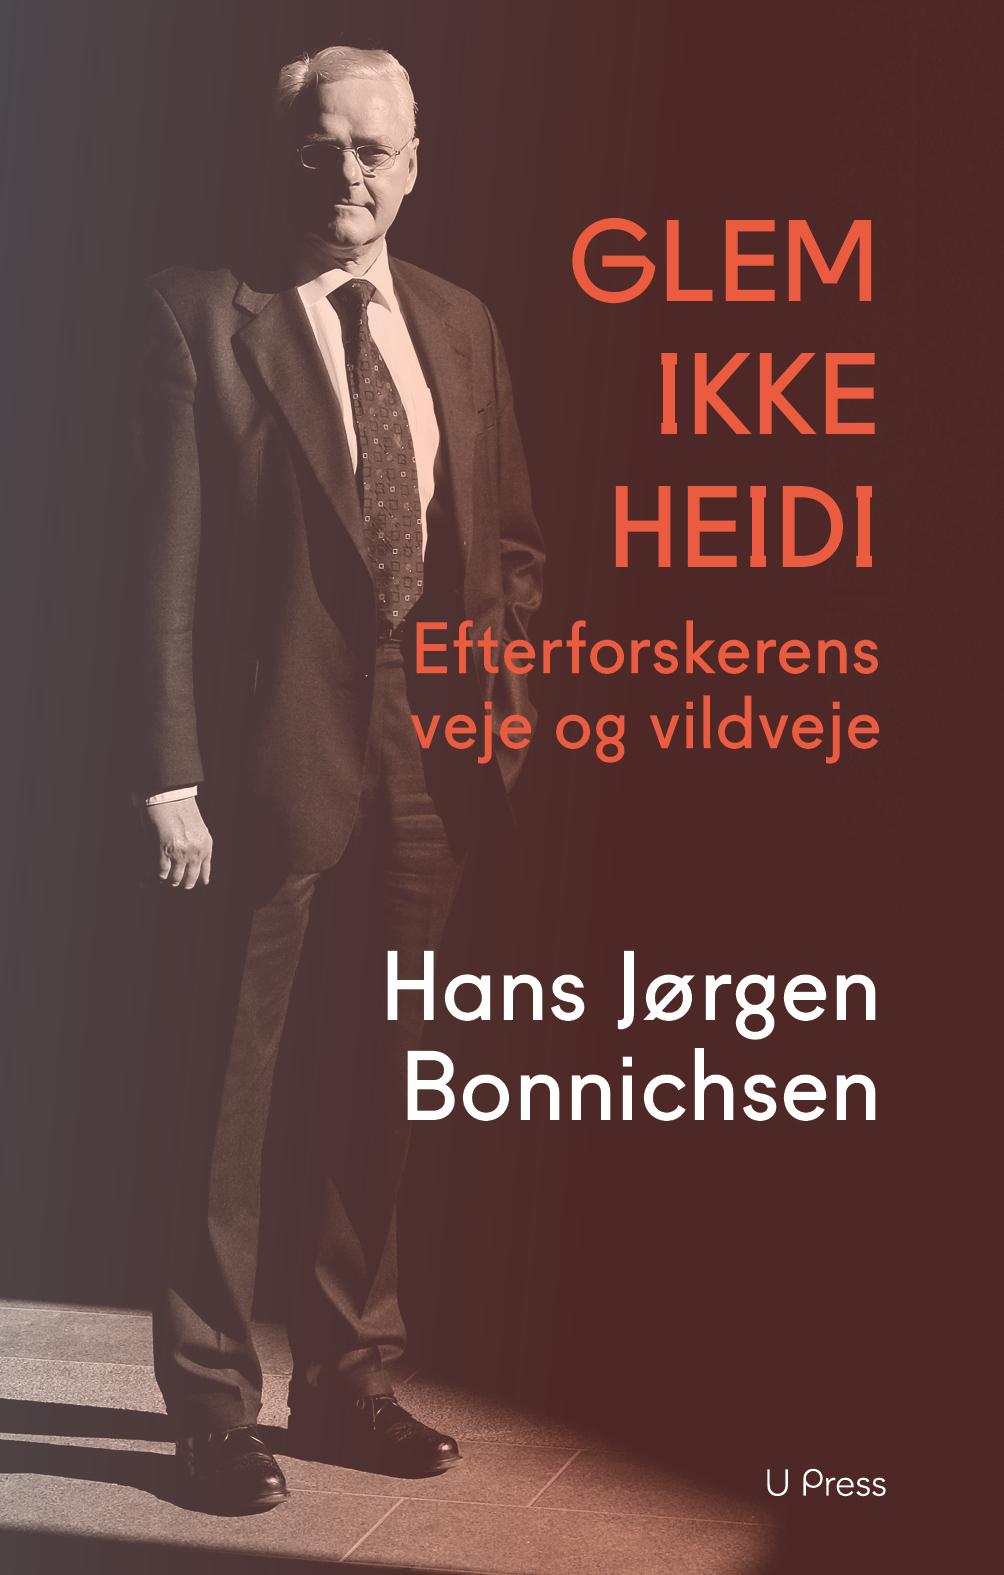 Glem ikke Heidi - Hans Jørgen Bonnichsen - Bøger - U Press - 9788793060548 - 22/9-2017